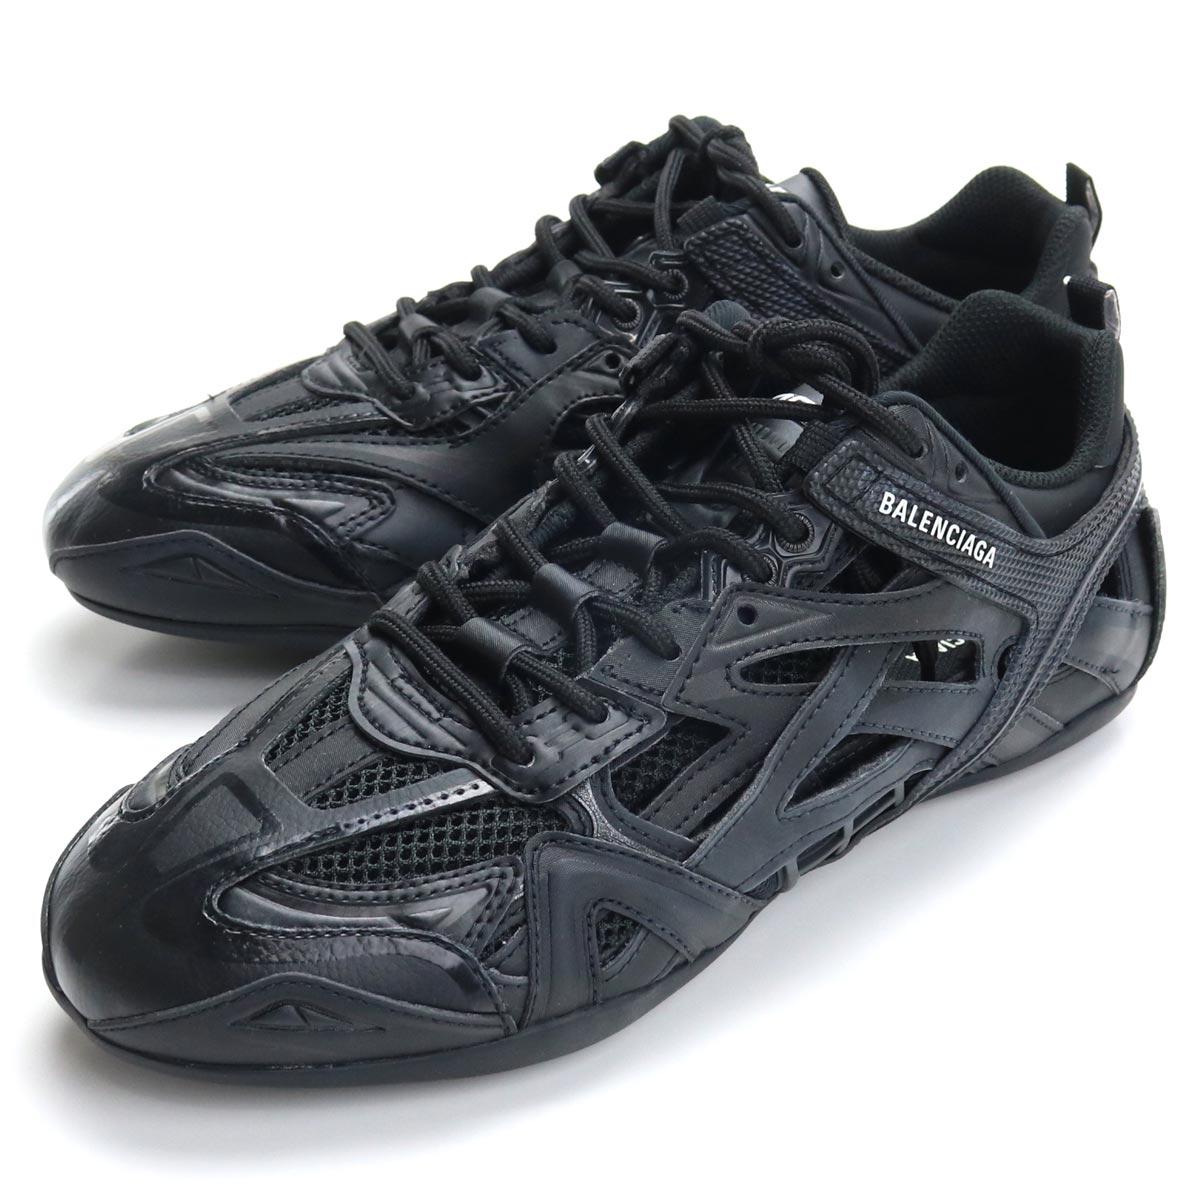 メンズ靴, スニーカー  BALENCIAGA Drive 624343 W2FN1 1000 bos-09 shoes-01